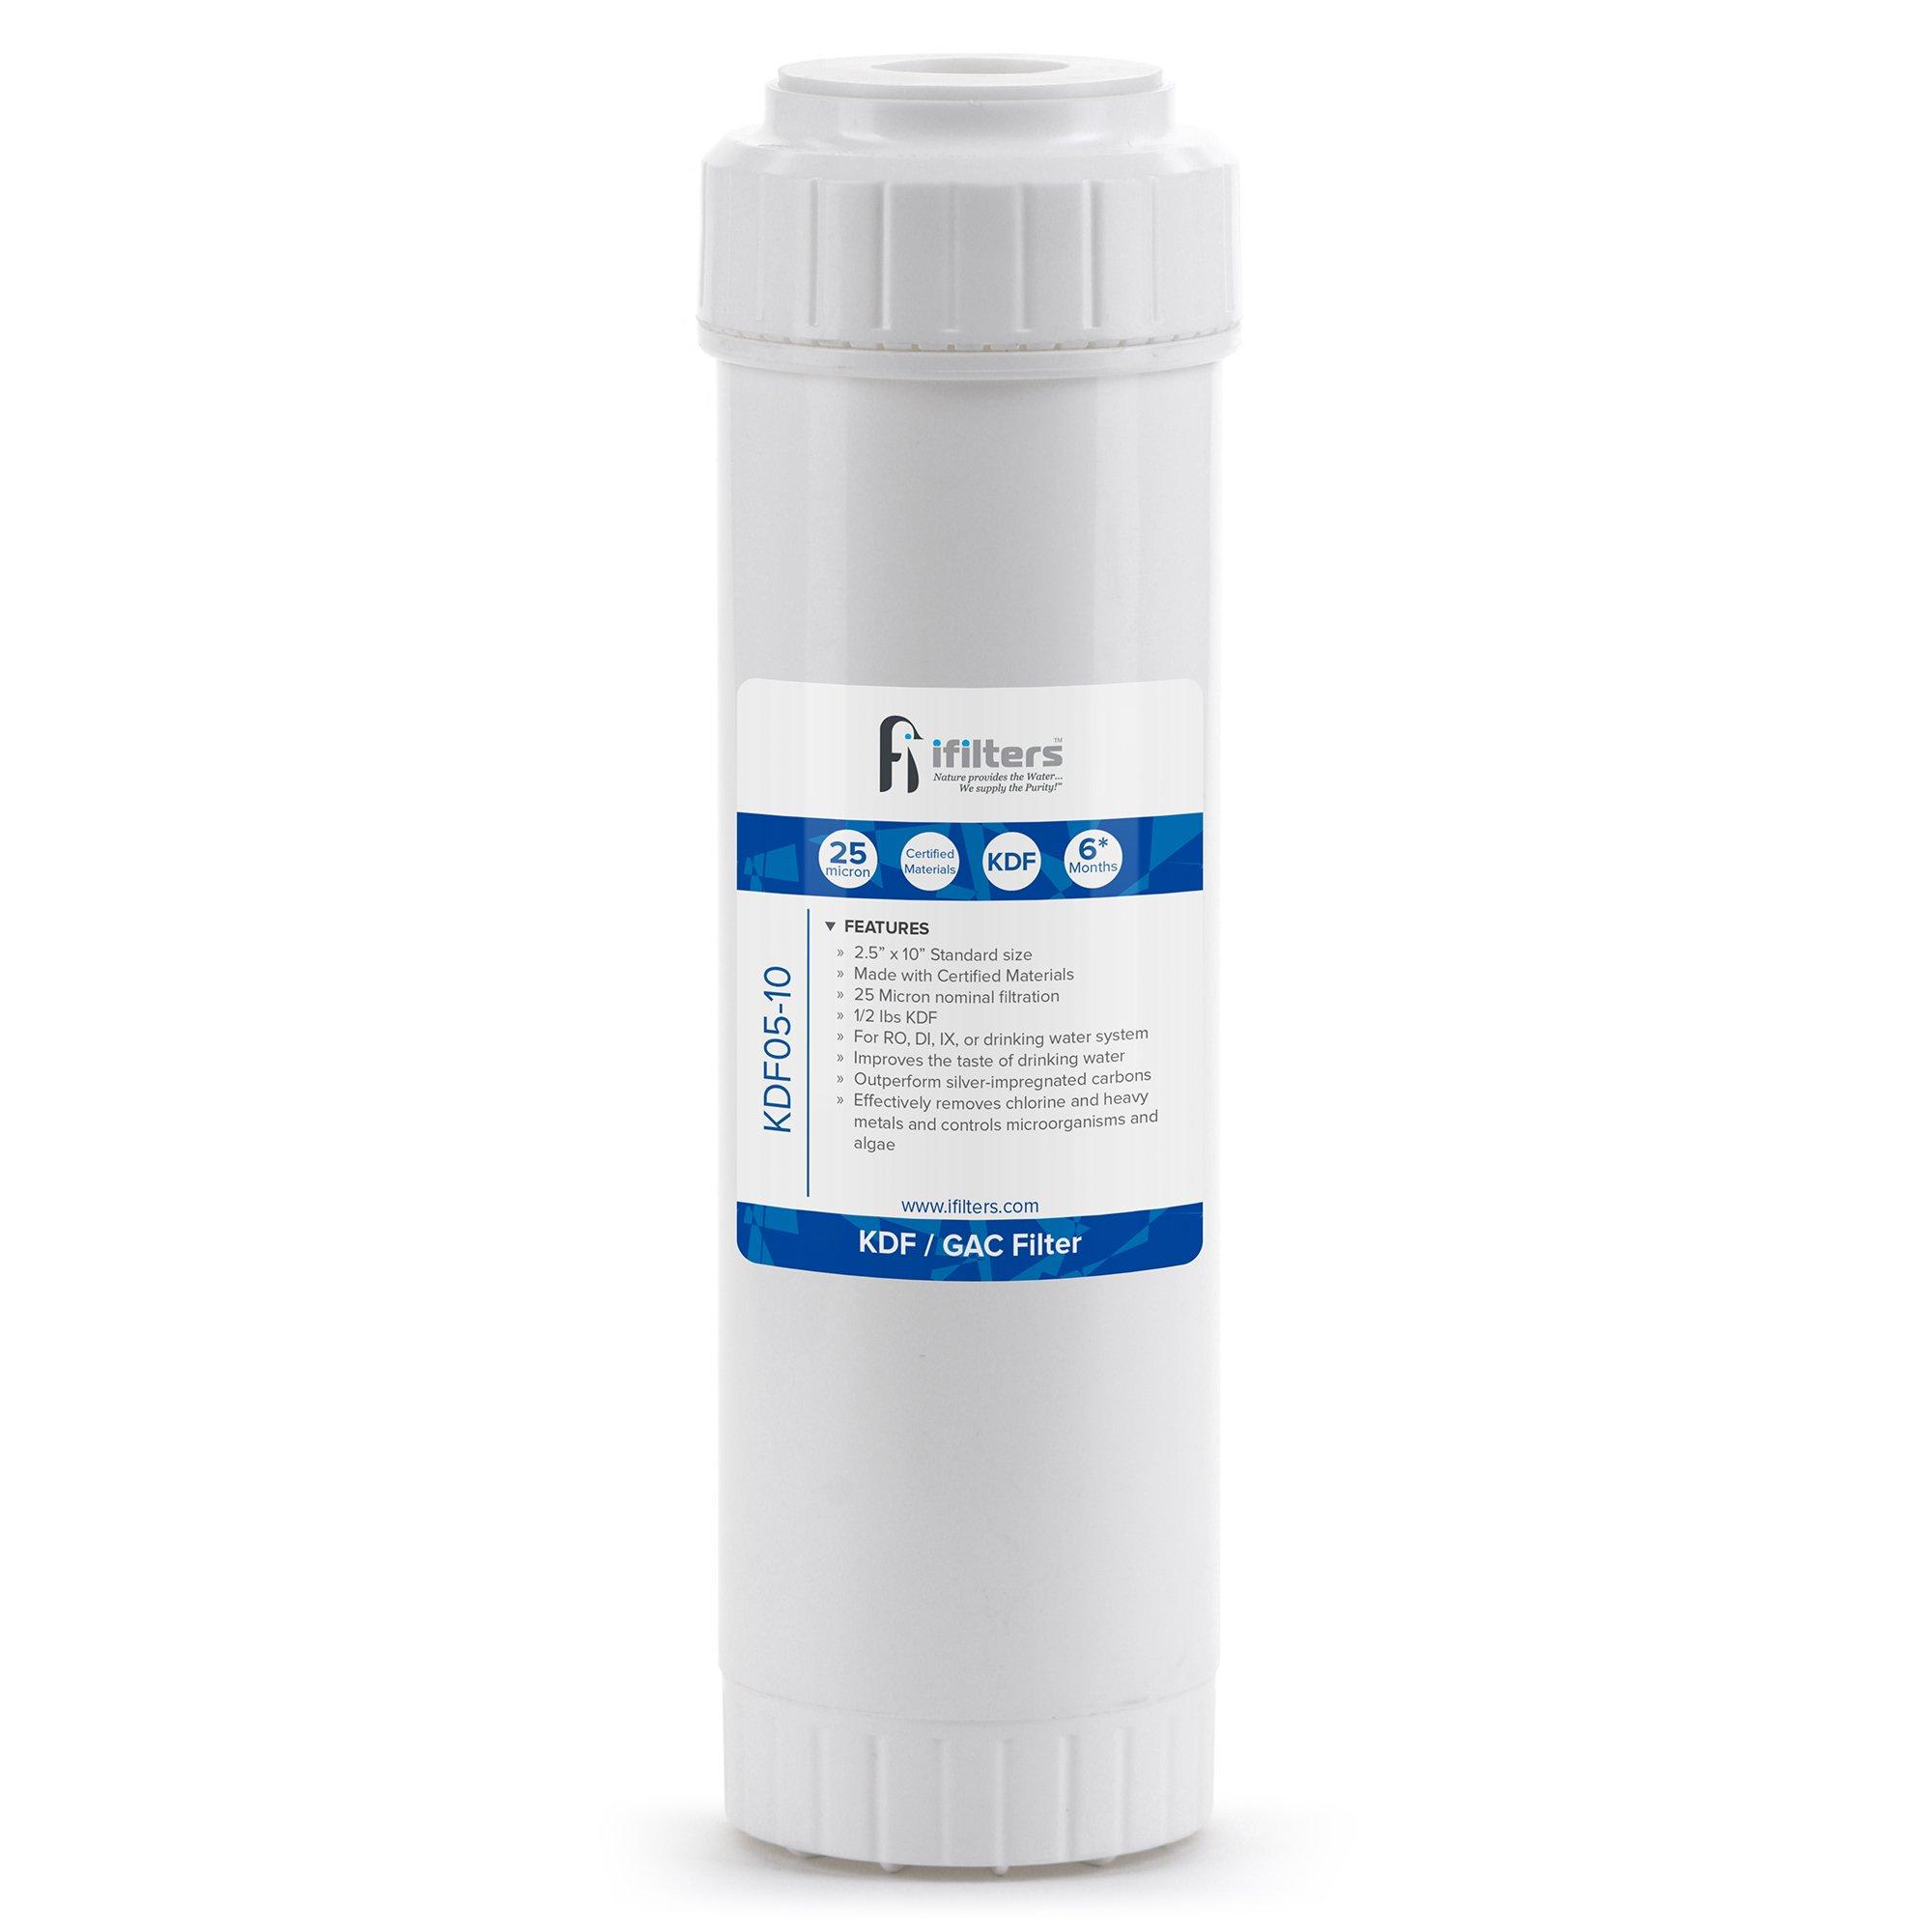 KDF/GAC Water Filter For Chlorine, Taste, Odor, Heavy Metals, Rust - 2.5 x 10